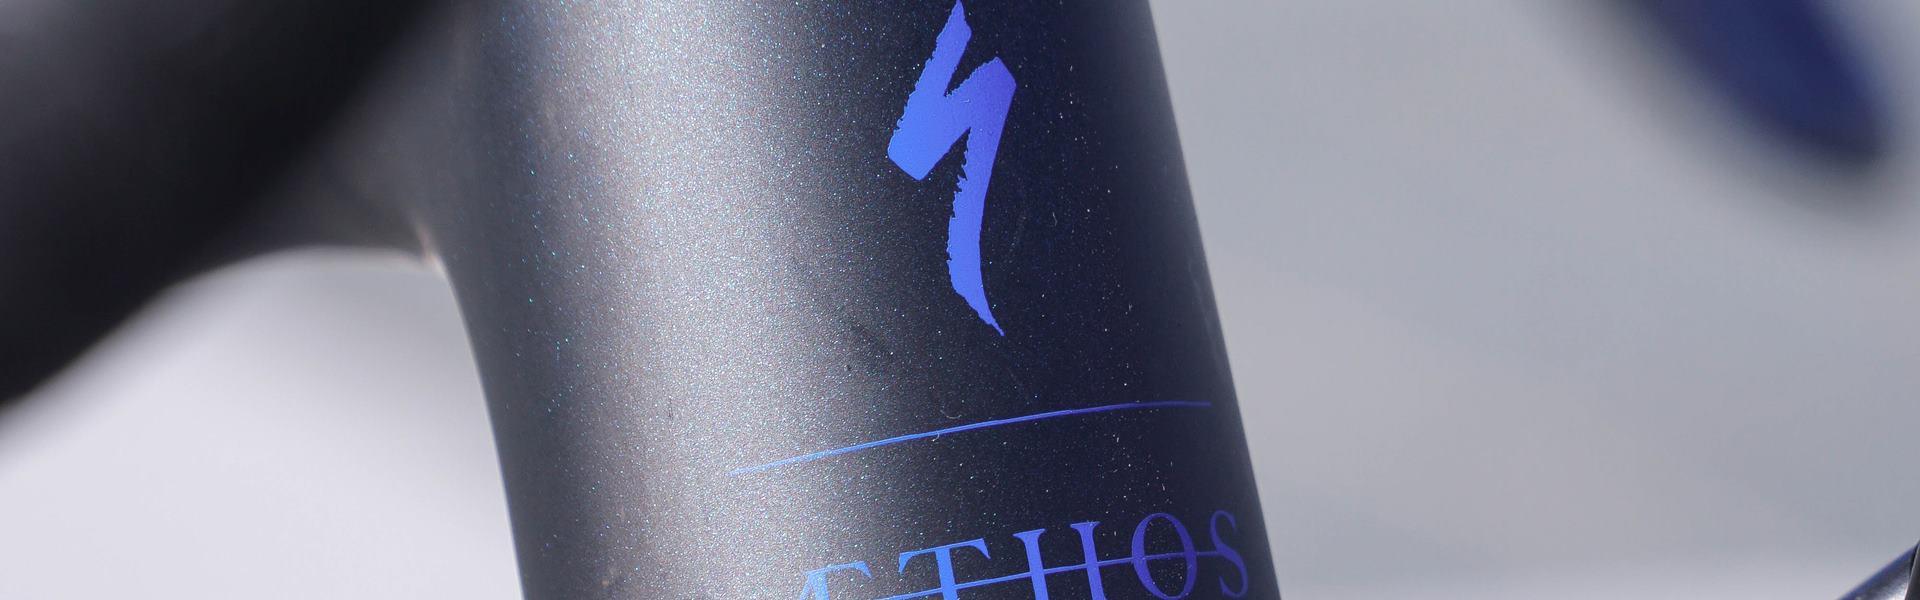 Aethos - az 5 milliós országúti kerékpár